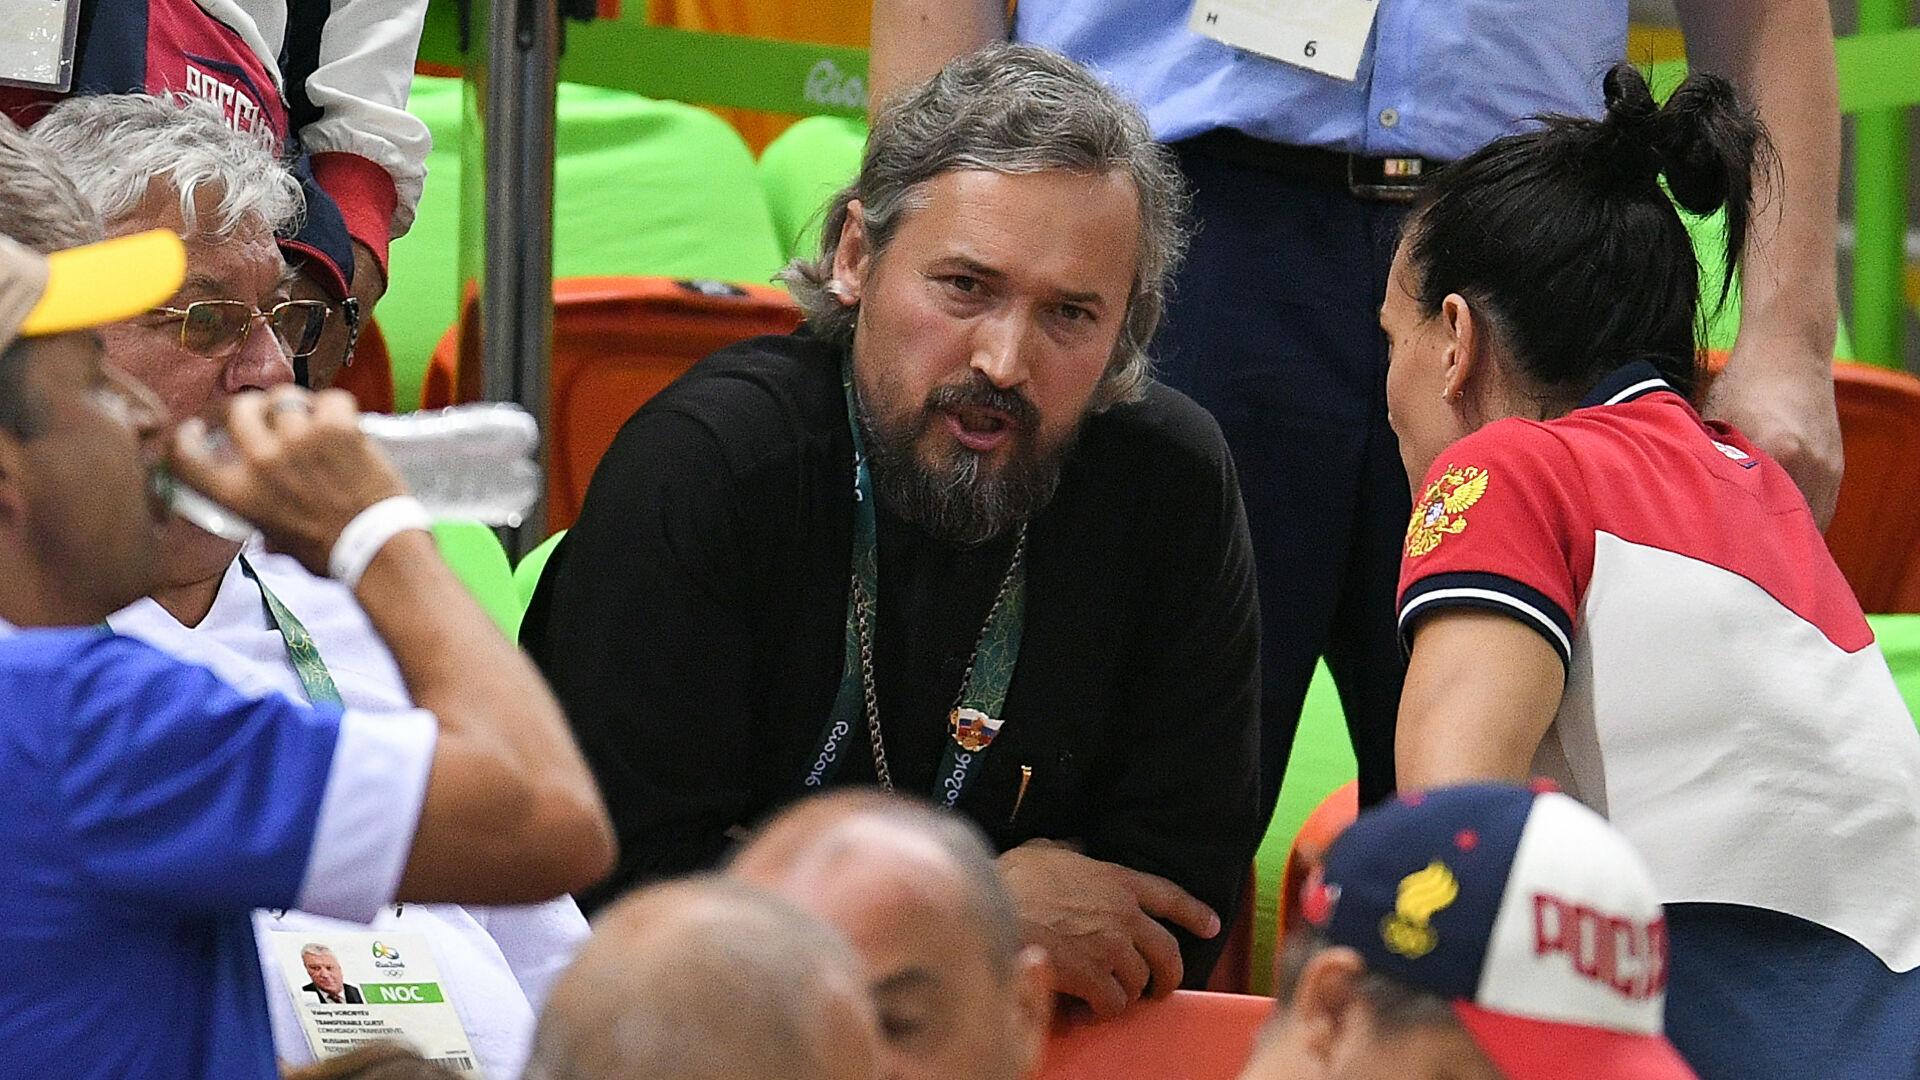 На Игры с командой ROC приехал священник. Кто такой протоиерей Алексеев и зачем он нужен сборной?